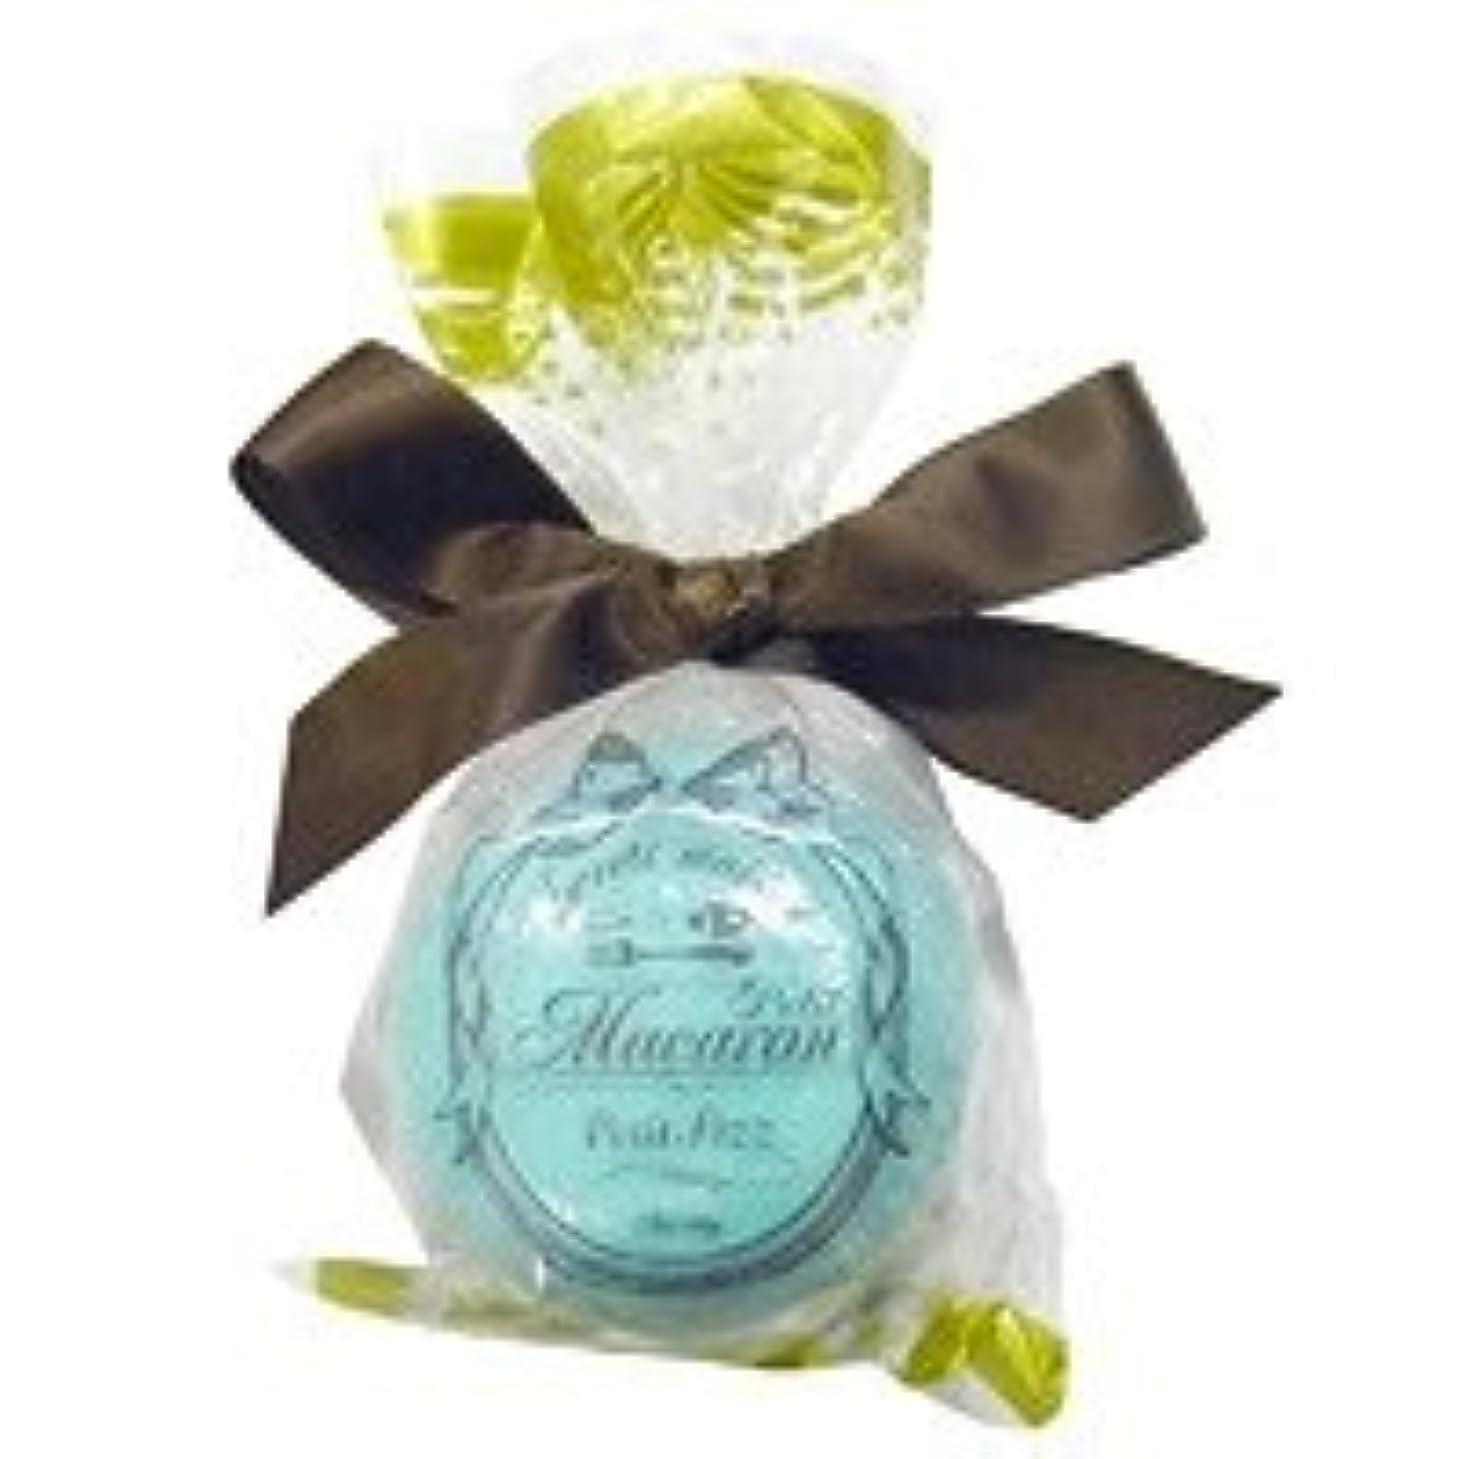 不完全保存するプレーヤースウィーツメゾン プチマカロンフィズ「ターコイズ」12個セット 香り豊かなグリーンティの香り